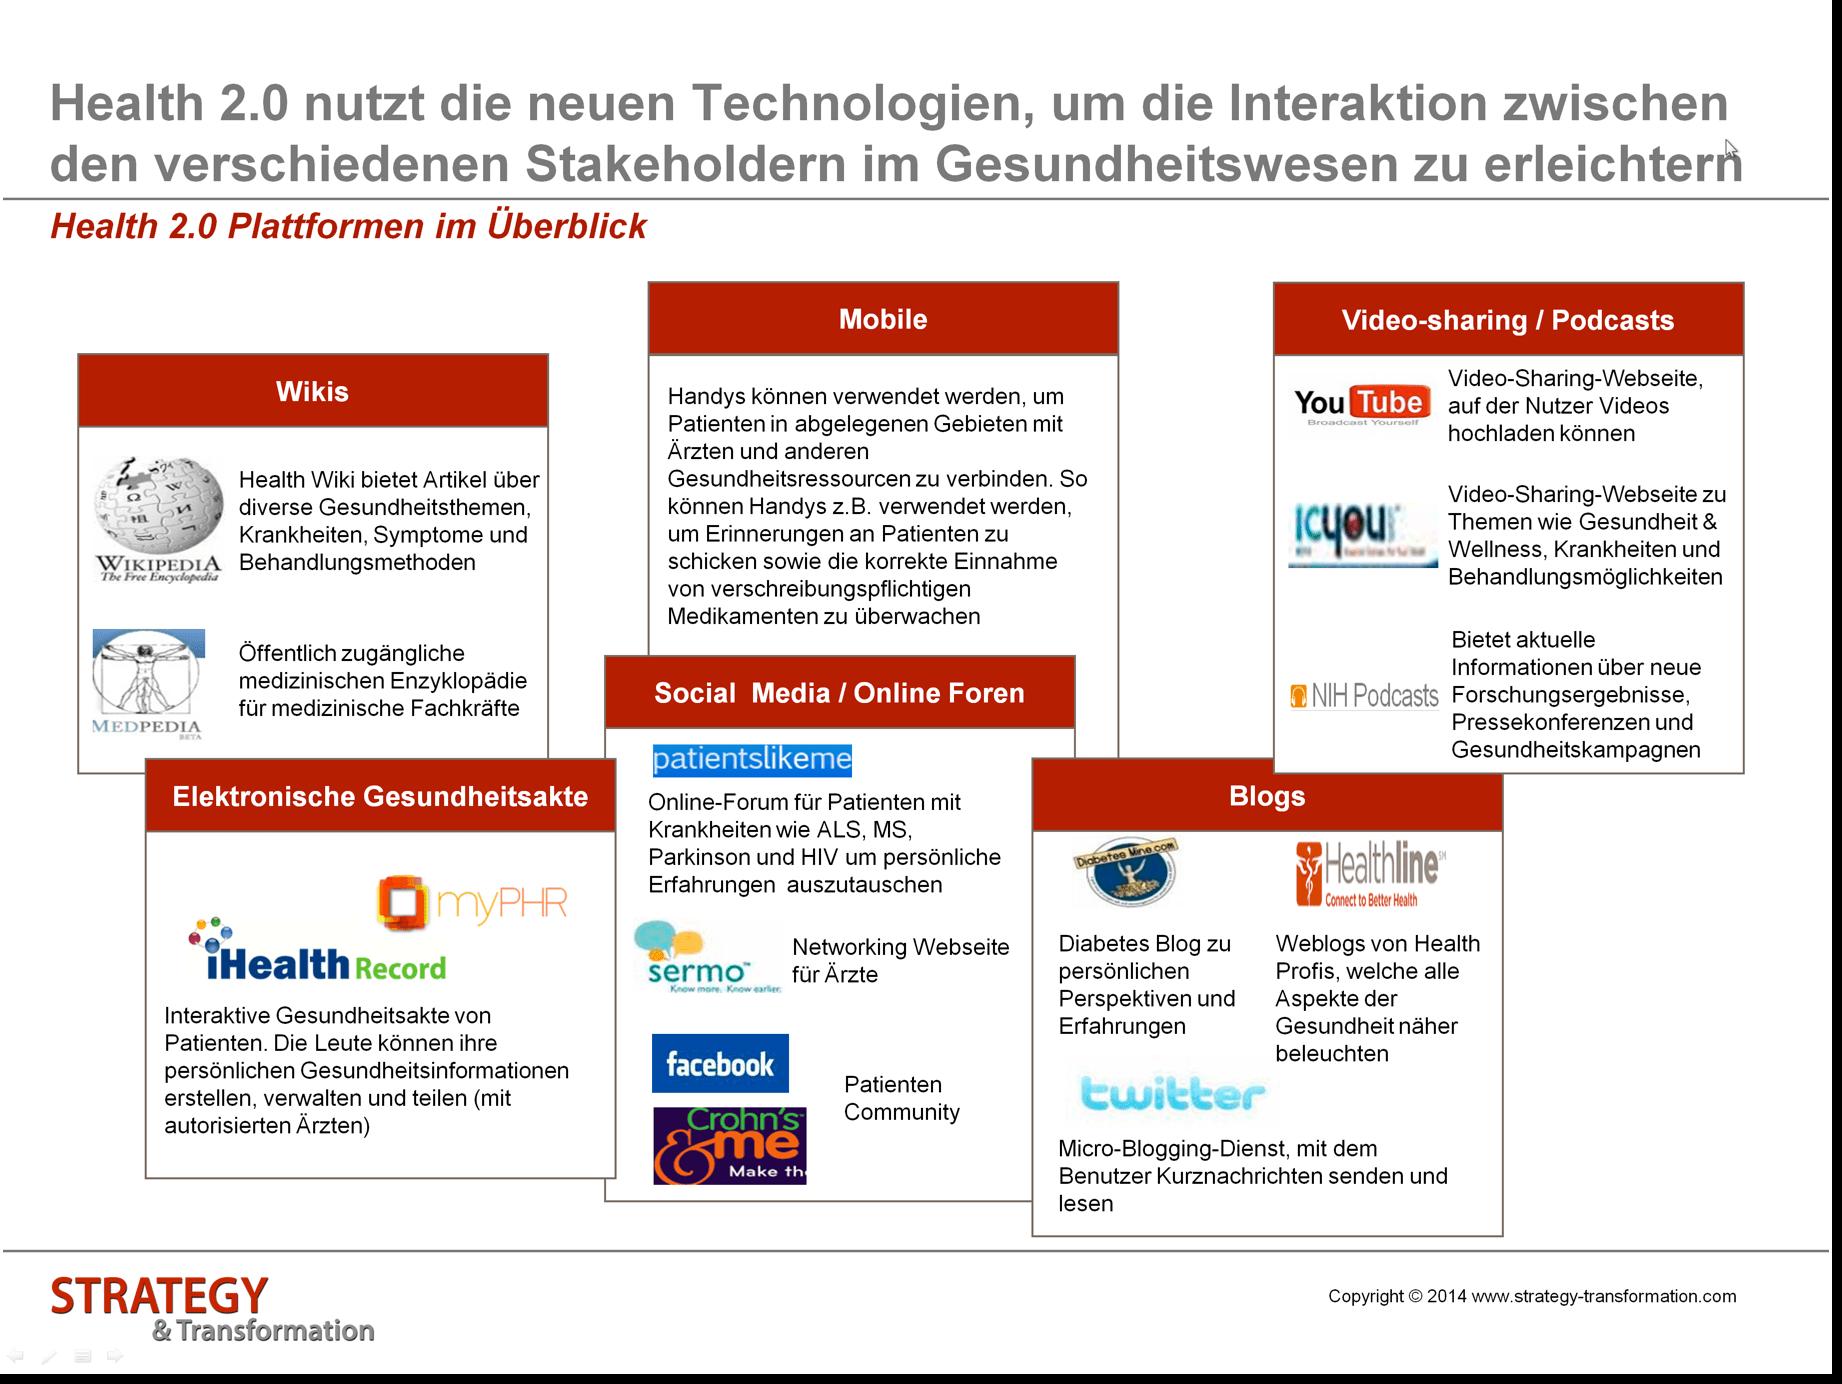 Health 2.0_Plattformen im Überblick